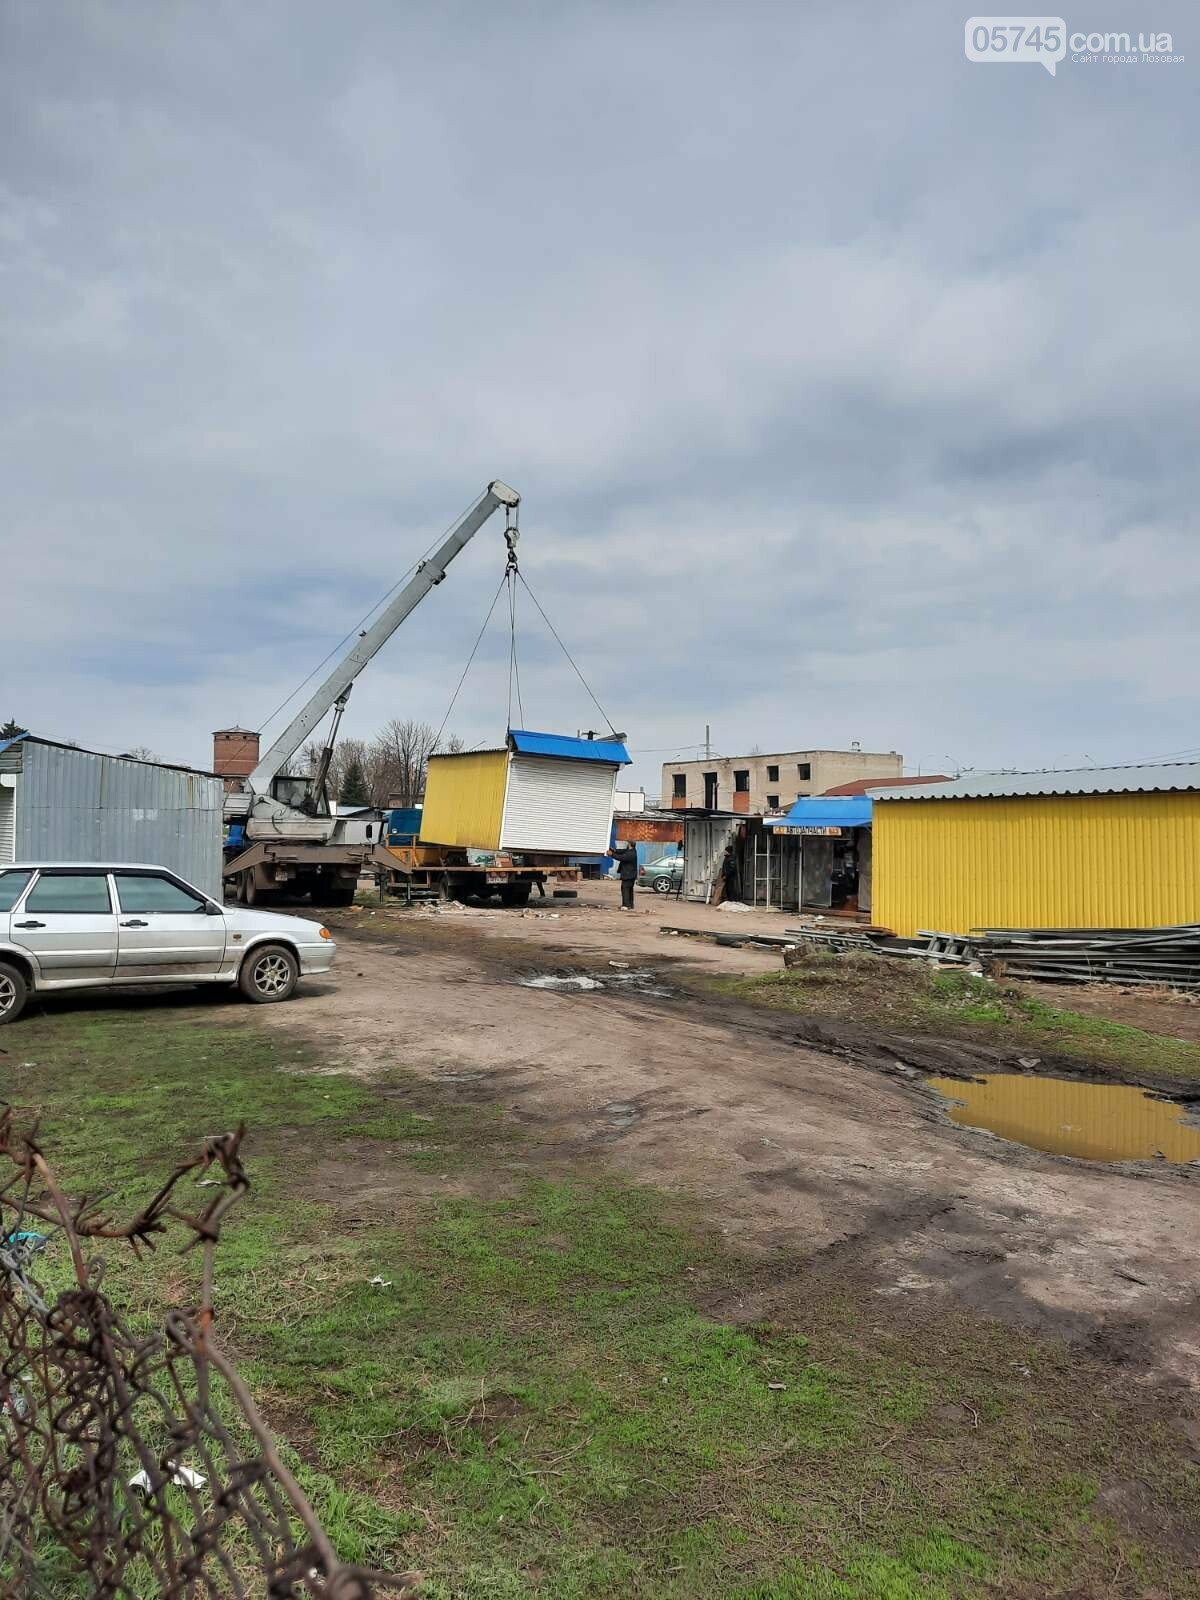 Демонтаж авторинку МКН: де підприємці отримають нові торгові місця, фото-1